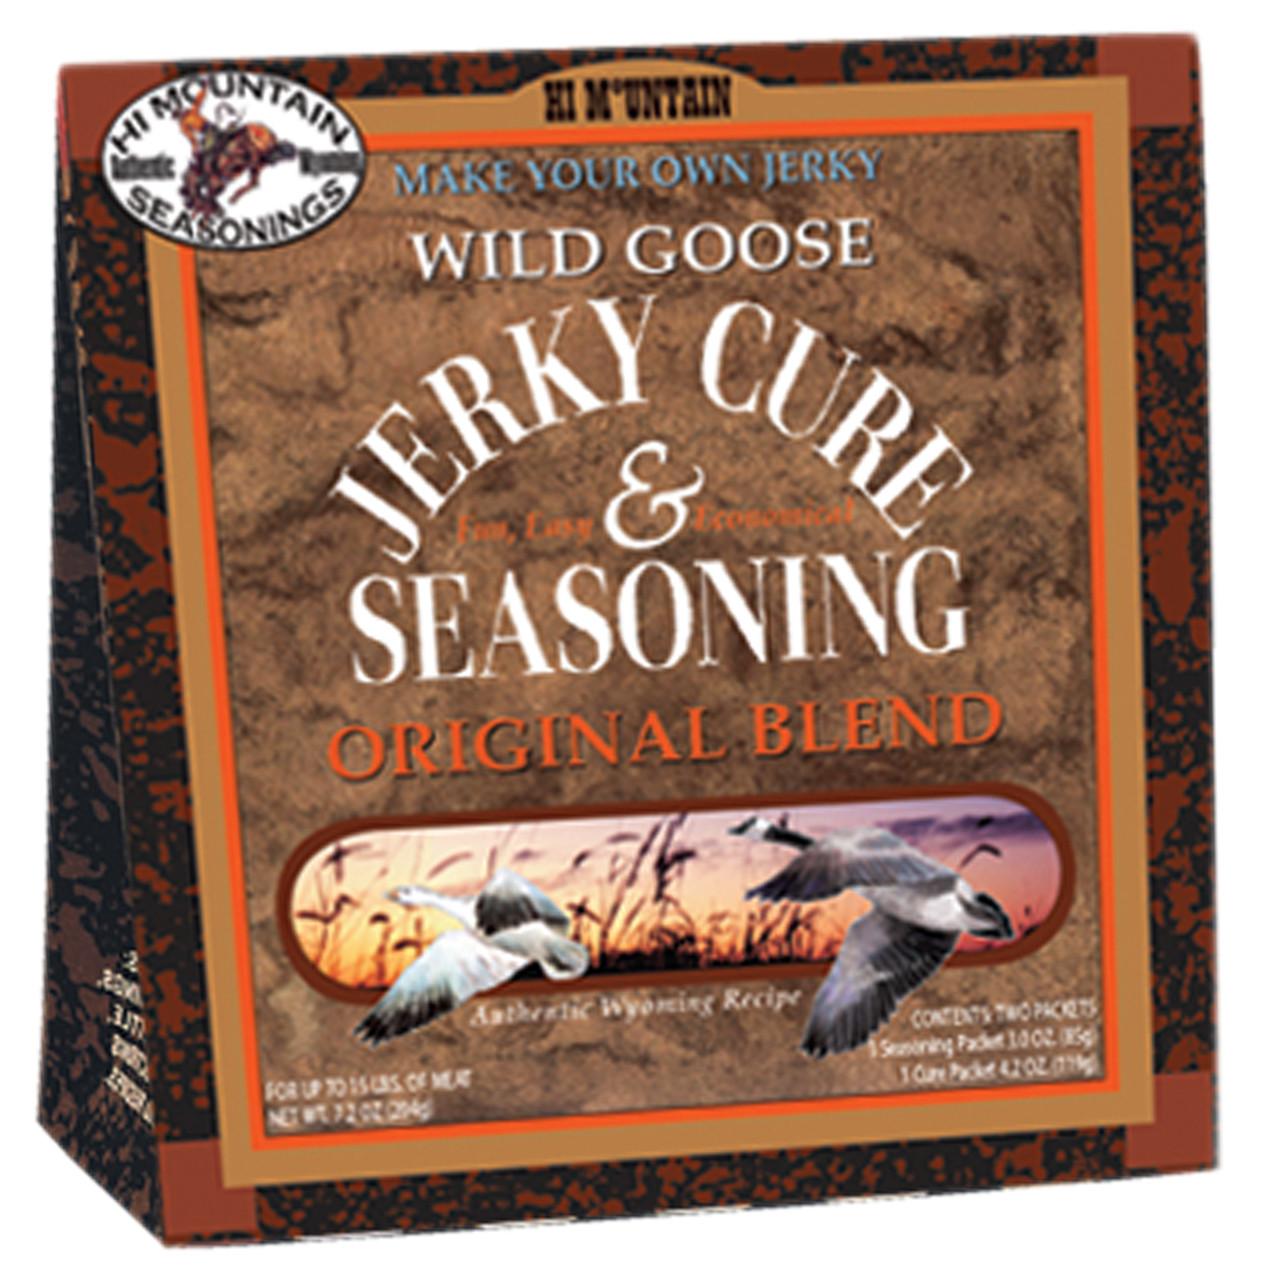 Wild Goose Original Blend Jerky Kit